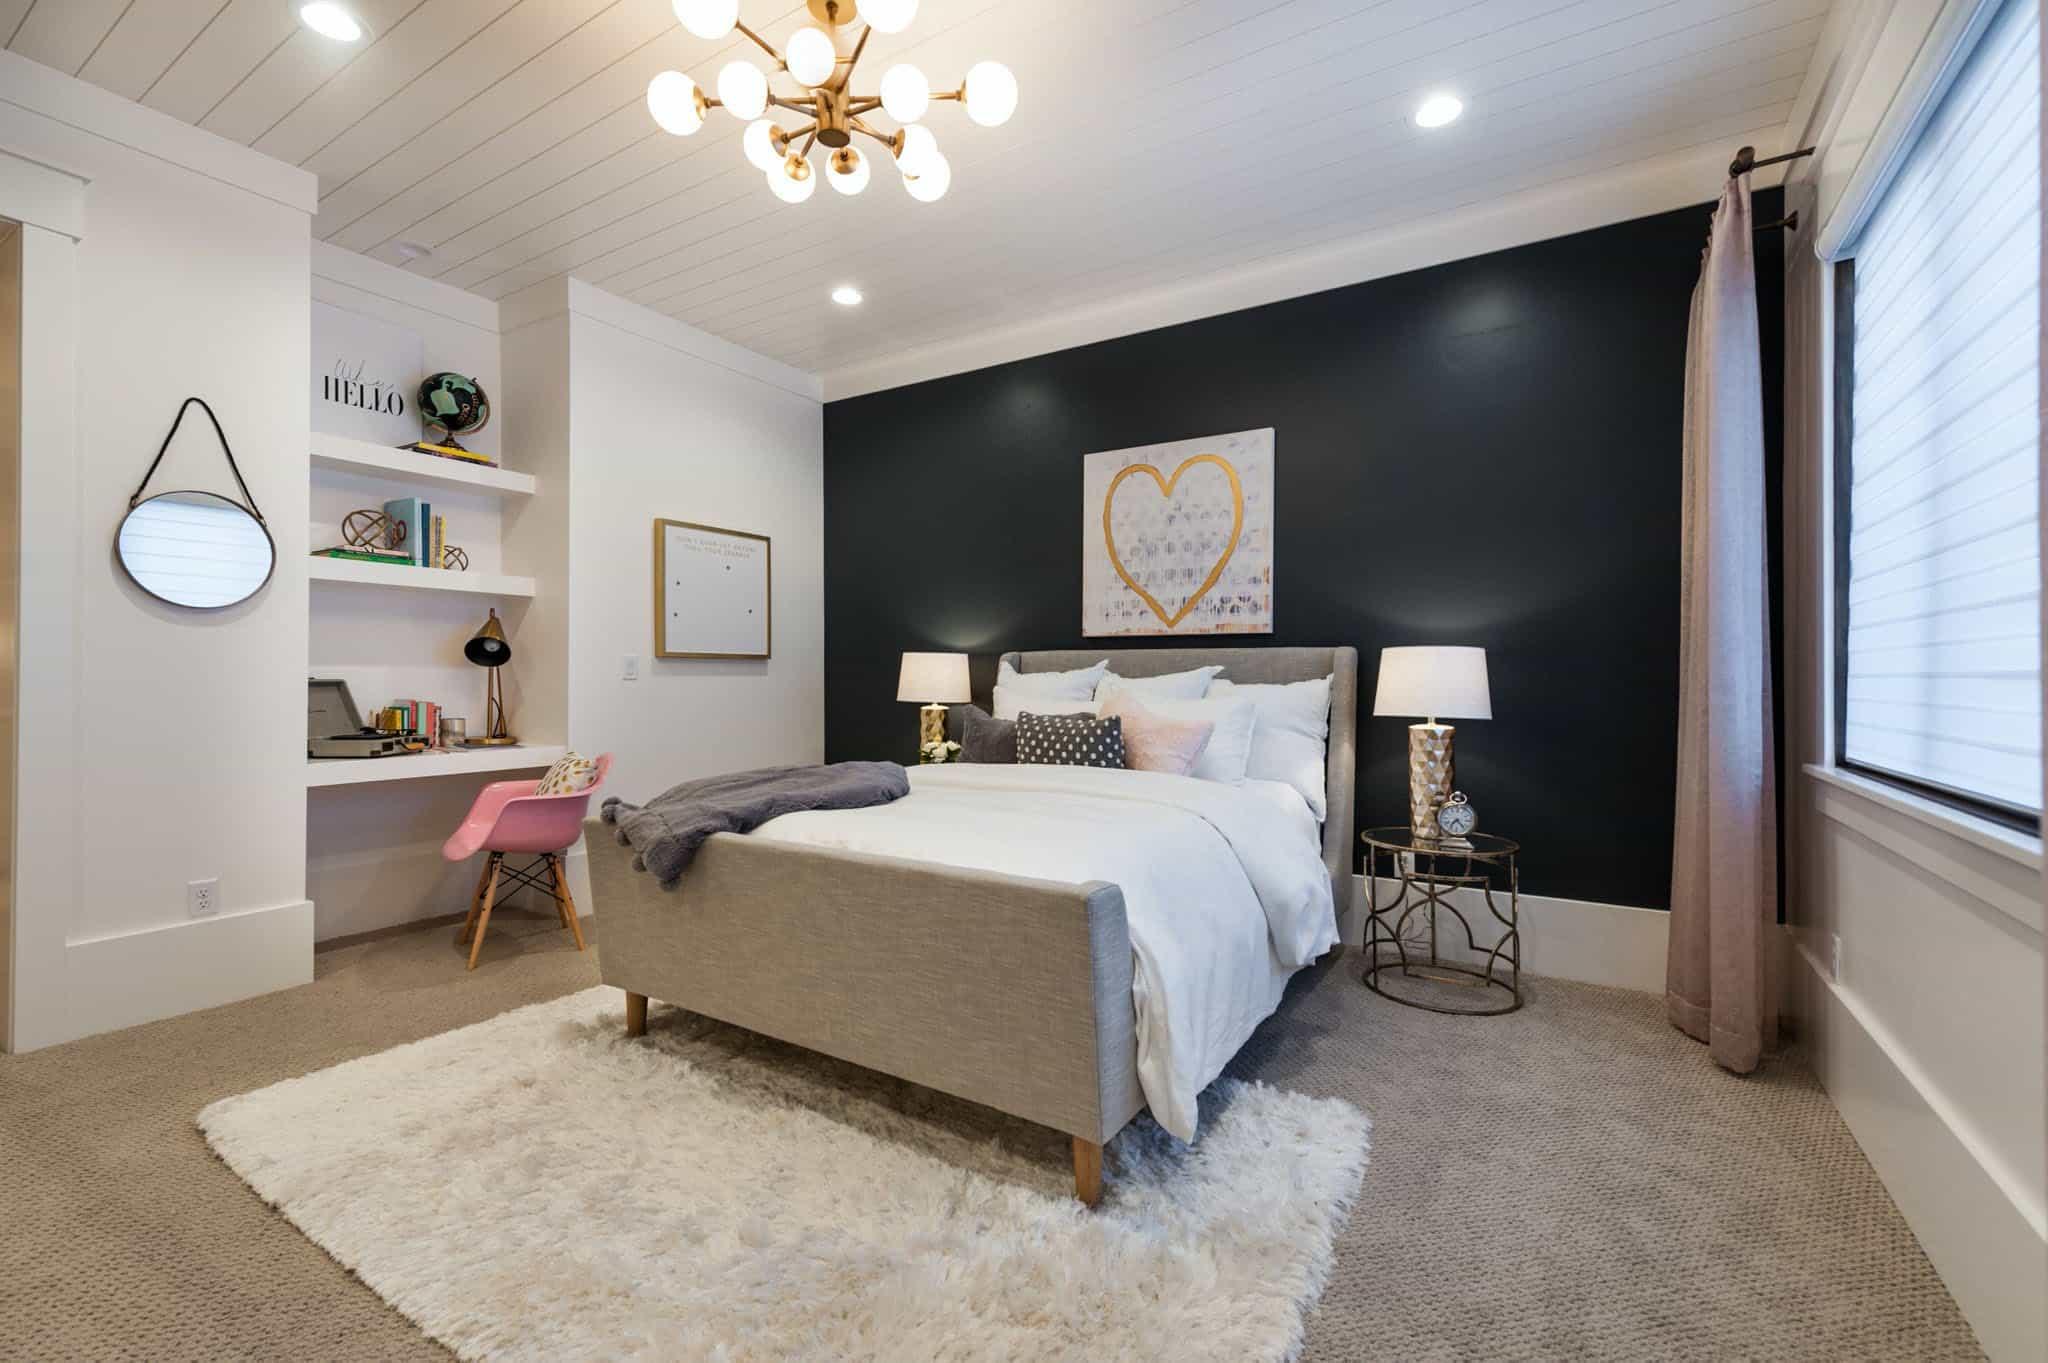 obrtnik-podrum-gost-spavaća soba